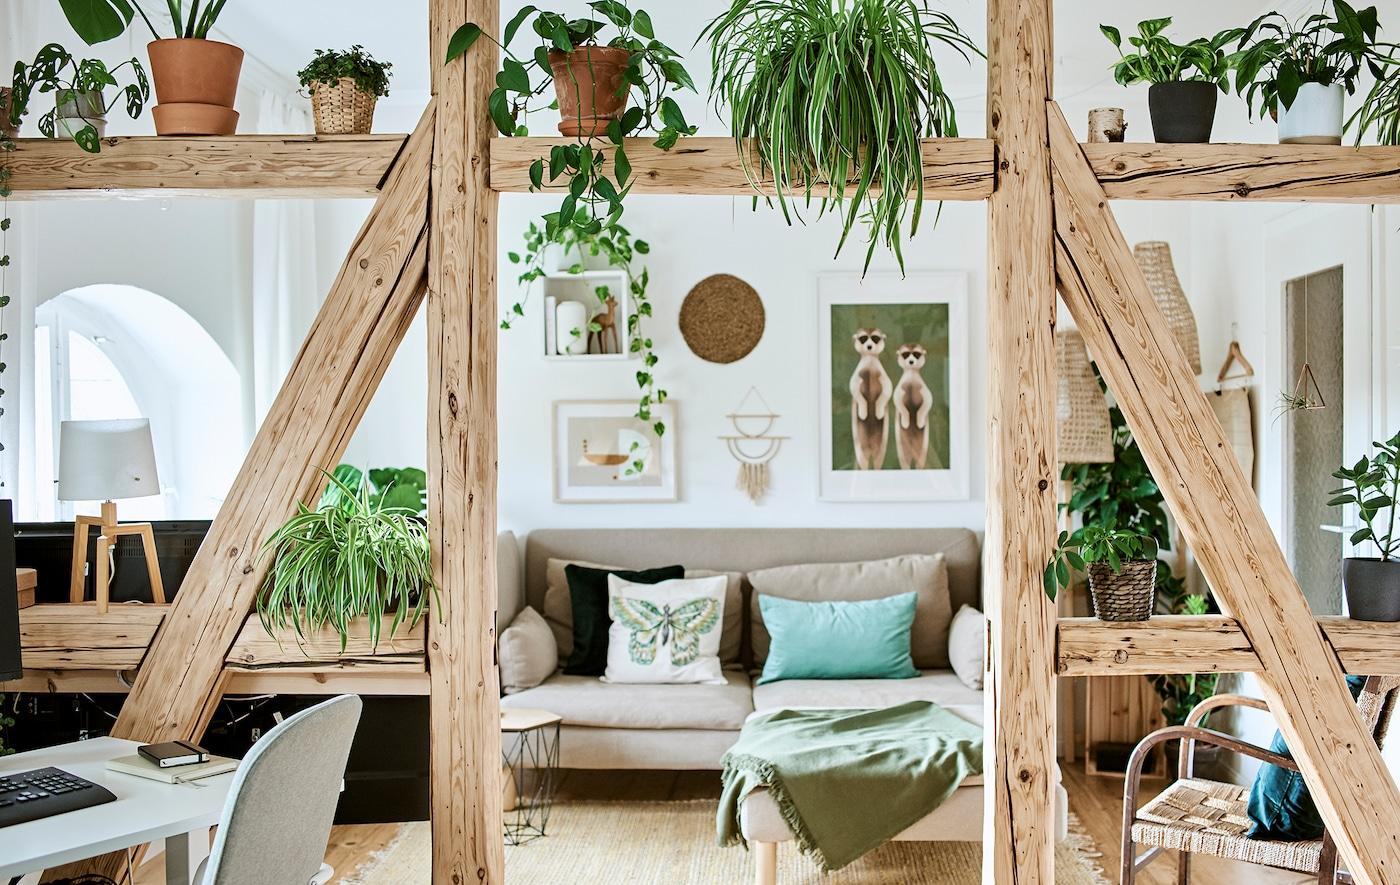 غرفة جلوس بها كنبة بيج ووسائد خضراء بجوار حائط عليه صور وإطارات خشبية على شكل حرف (A) ونباتات تفصل مساحة العمل.